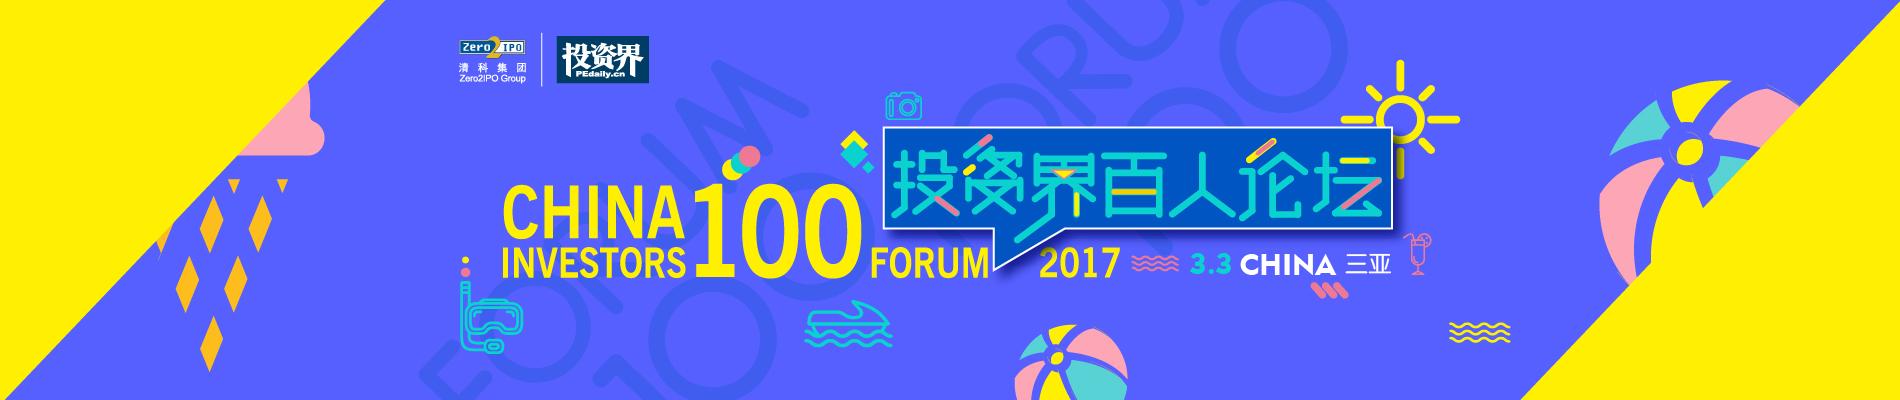 2017投资界百人论坛